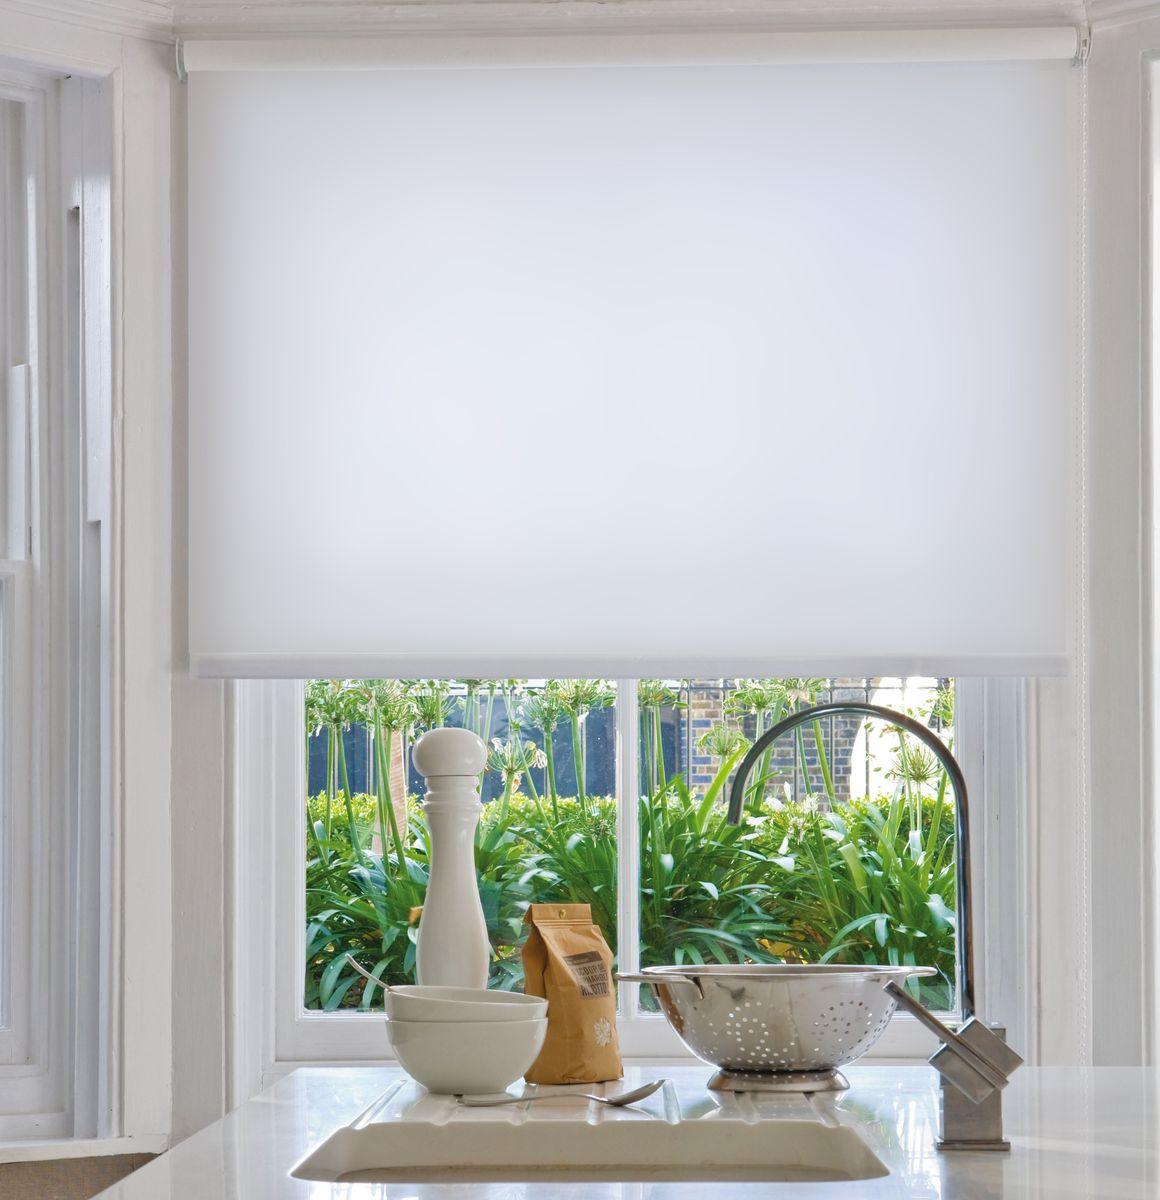 Штора рулонная Эскар Миниролло, цвет: белый, ширина 73 см, высота 170 см31008073170Рулонными шторами можно оформлять окна как самостоятельно, так и использовать в комбинации с портьерами. Это поможет предотвратить выгорание дорогой ткани на солнце и соединит функционал рулонных с красотой навесных. Преимущества применения рулонных штор для пластиковых окон: - имеют прекрасный внешний вид: многообразие и фактурность материала изделия отлично смотрятся в любом интерьере;- многофункциональны: есть возможность подобрать шторы способные эффективно защитить комнату от солнца, при этом она не будет слишком темной. - Есть возможность осуществить быстрый монтаж.ВНИМАНИЕ! Размеры ширины изделия указаны по ширине ткани! Во время эксплуатации не рекомендуется полностью разматывать рулон, чтобы не оторвать ткань от намоточного вала. В случае загрязнения поверхности ткани, чистку шторы проводят одним из способов, в зависимости от типа загрязнения:легкое поверхностное загрязнение можно удалить при помощи канцелярского ластика;чистка от пыли производится сухим методом при помощи пылесоса с мягкой щеткой-насадкой;для удаления пятна используйте мягкую губку с пенообразующим неагрессивным моющим средством или пятновыводитель на натуральной основе (нельзя применять растворители).